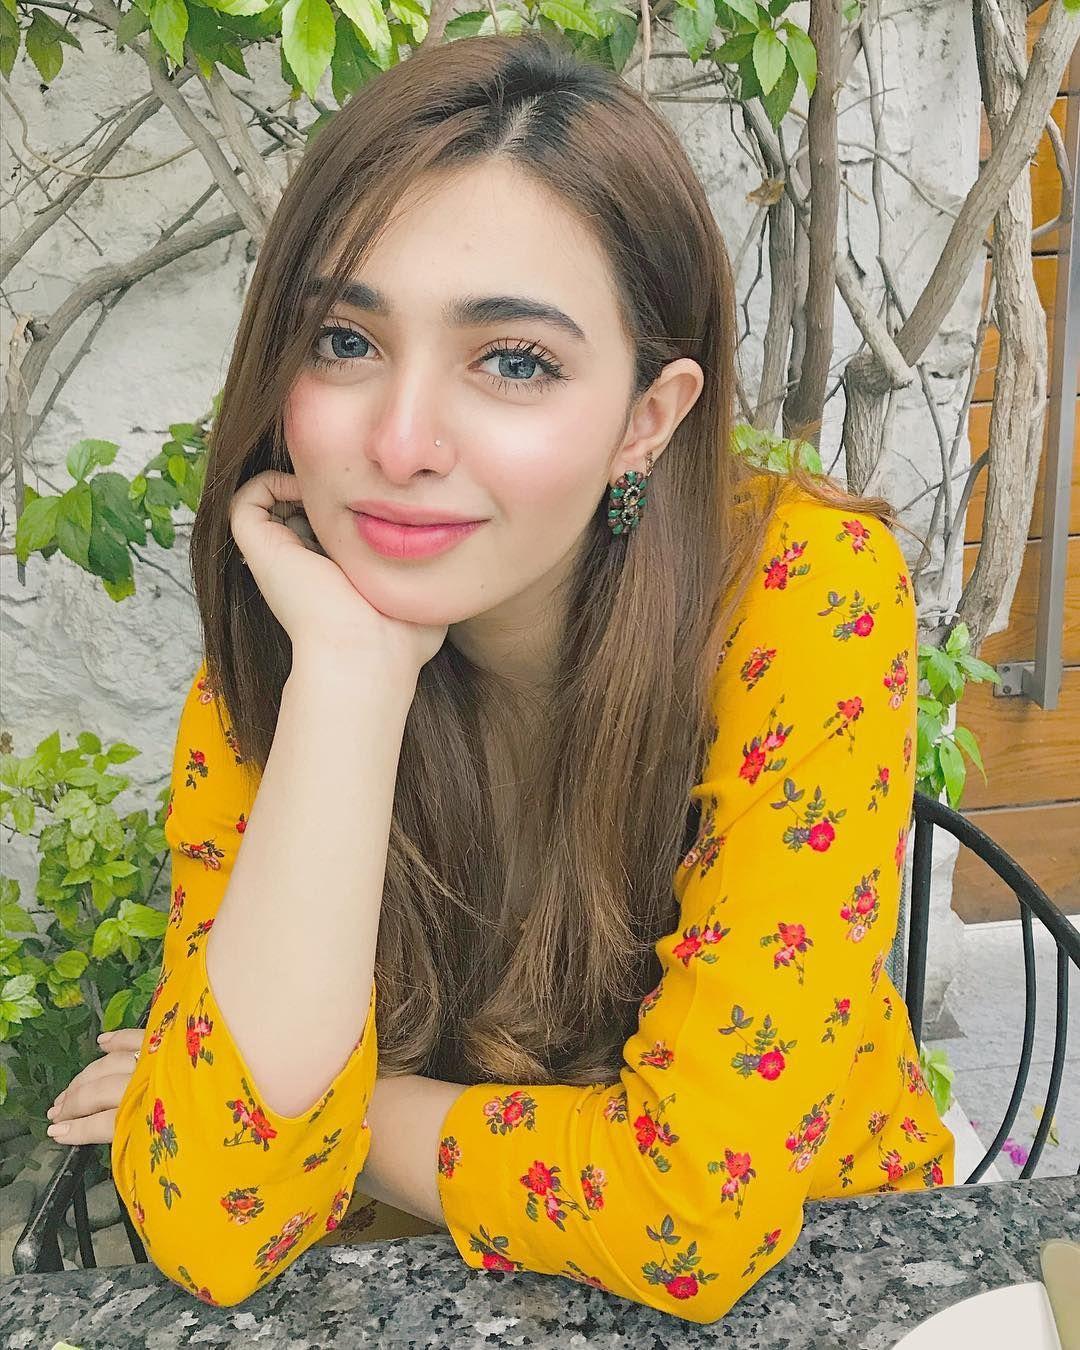 Hot Photo Gallery 2015: Beautiful Pakistani Girls HD